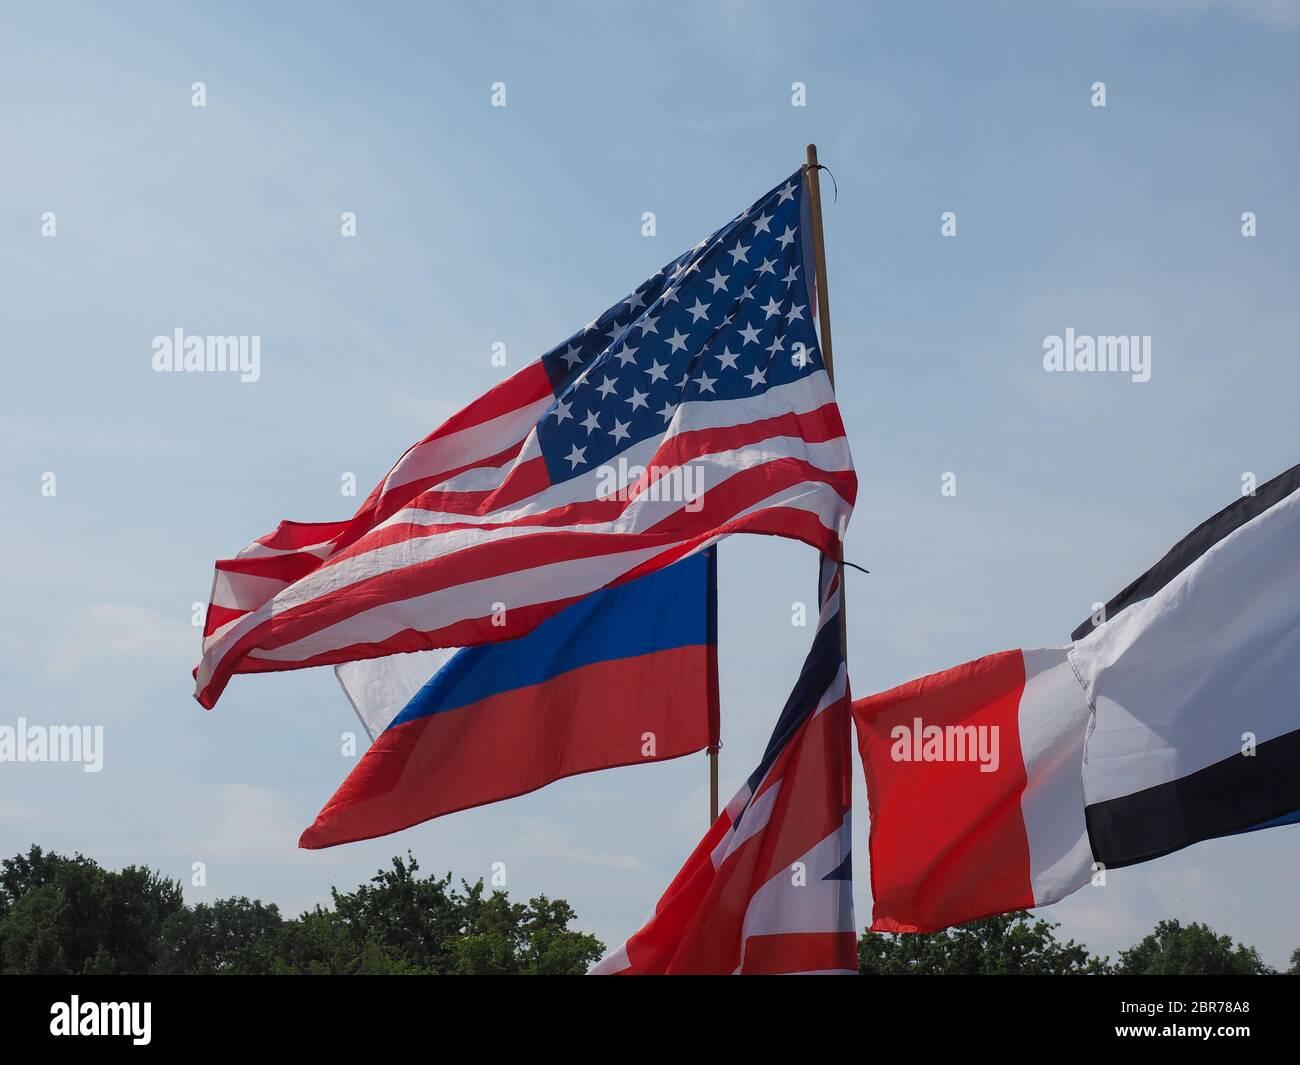 Britannique, russe et américain de drapeaux devant le parlement Bundestag Allemand Banque D'Images